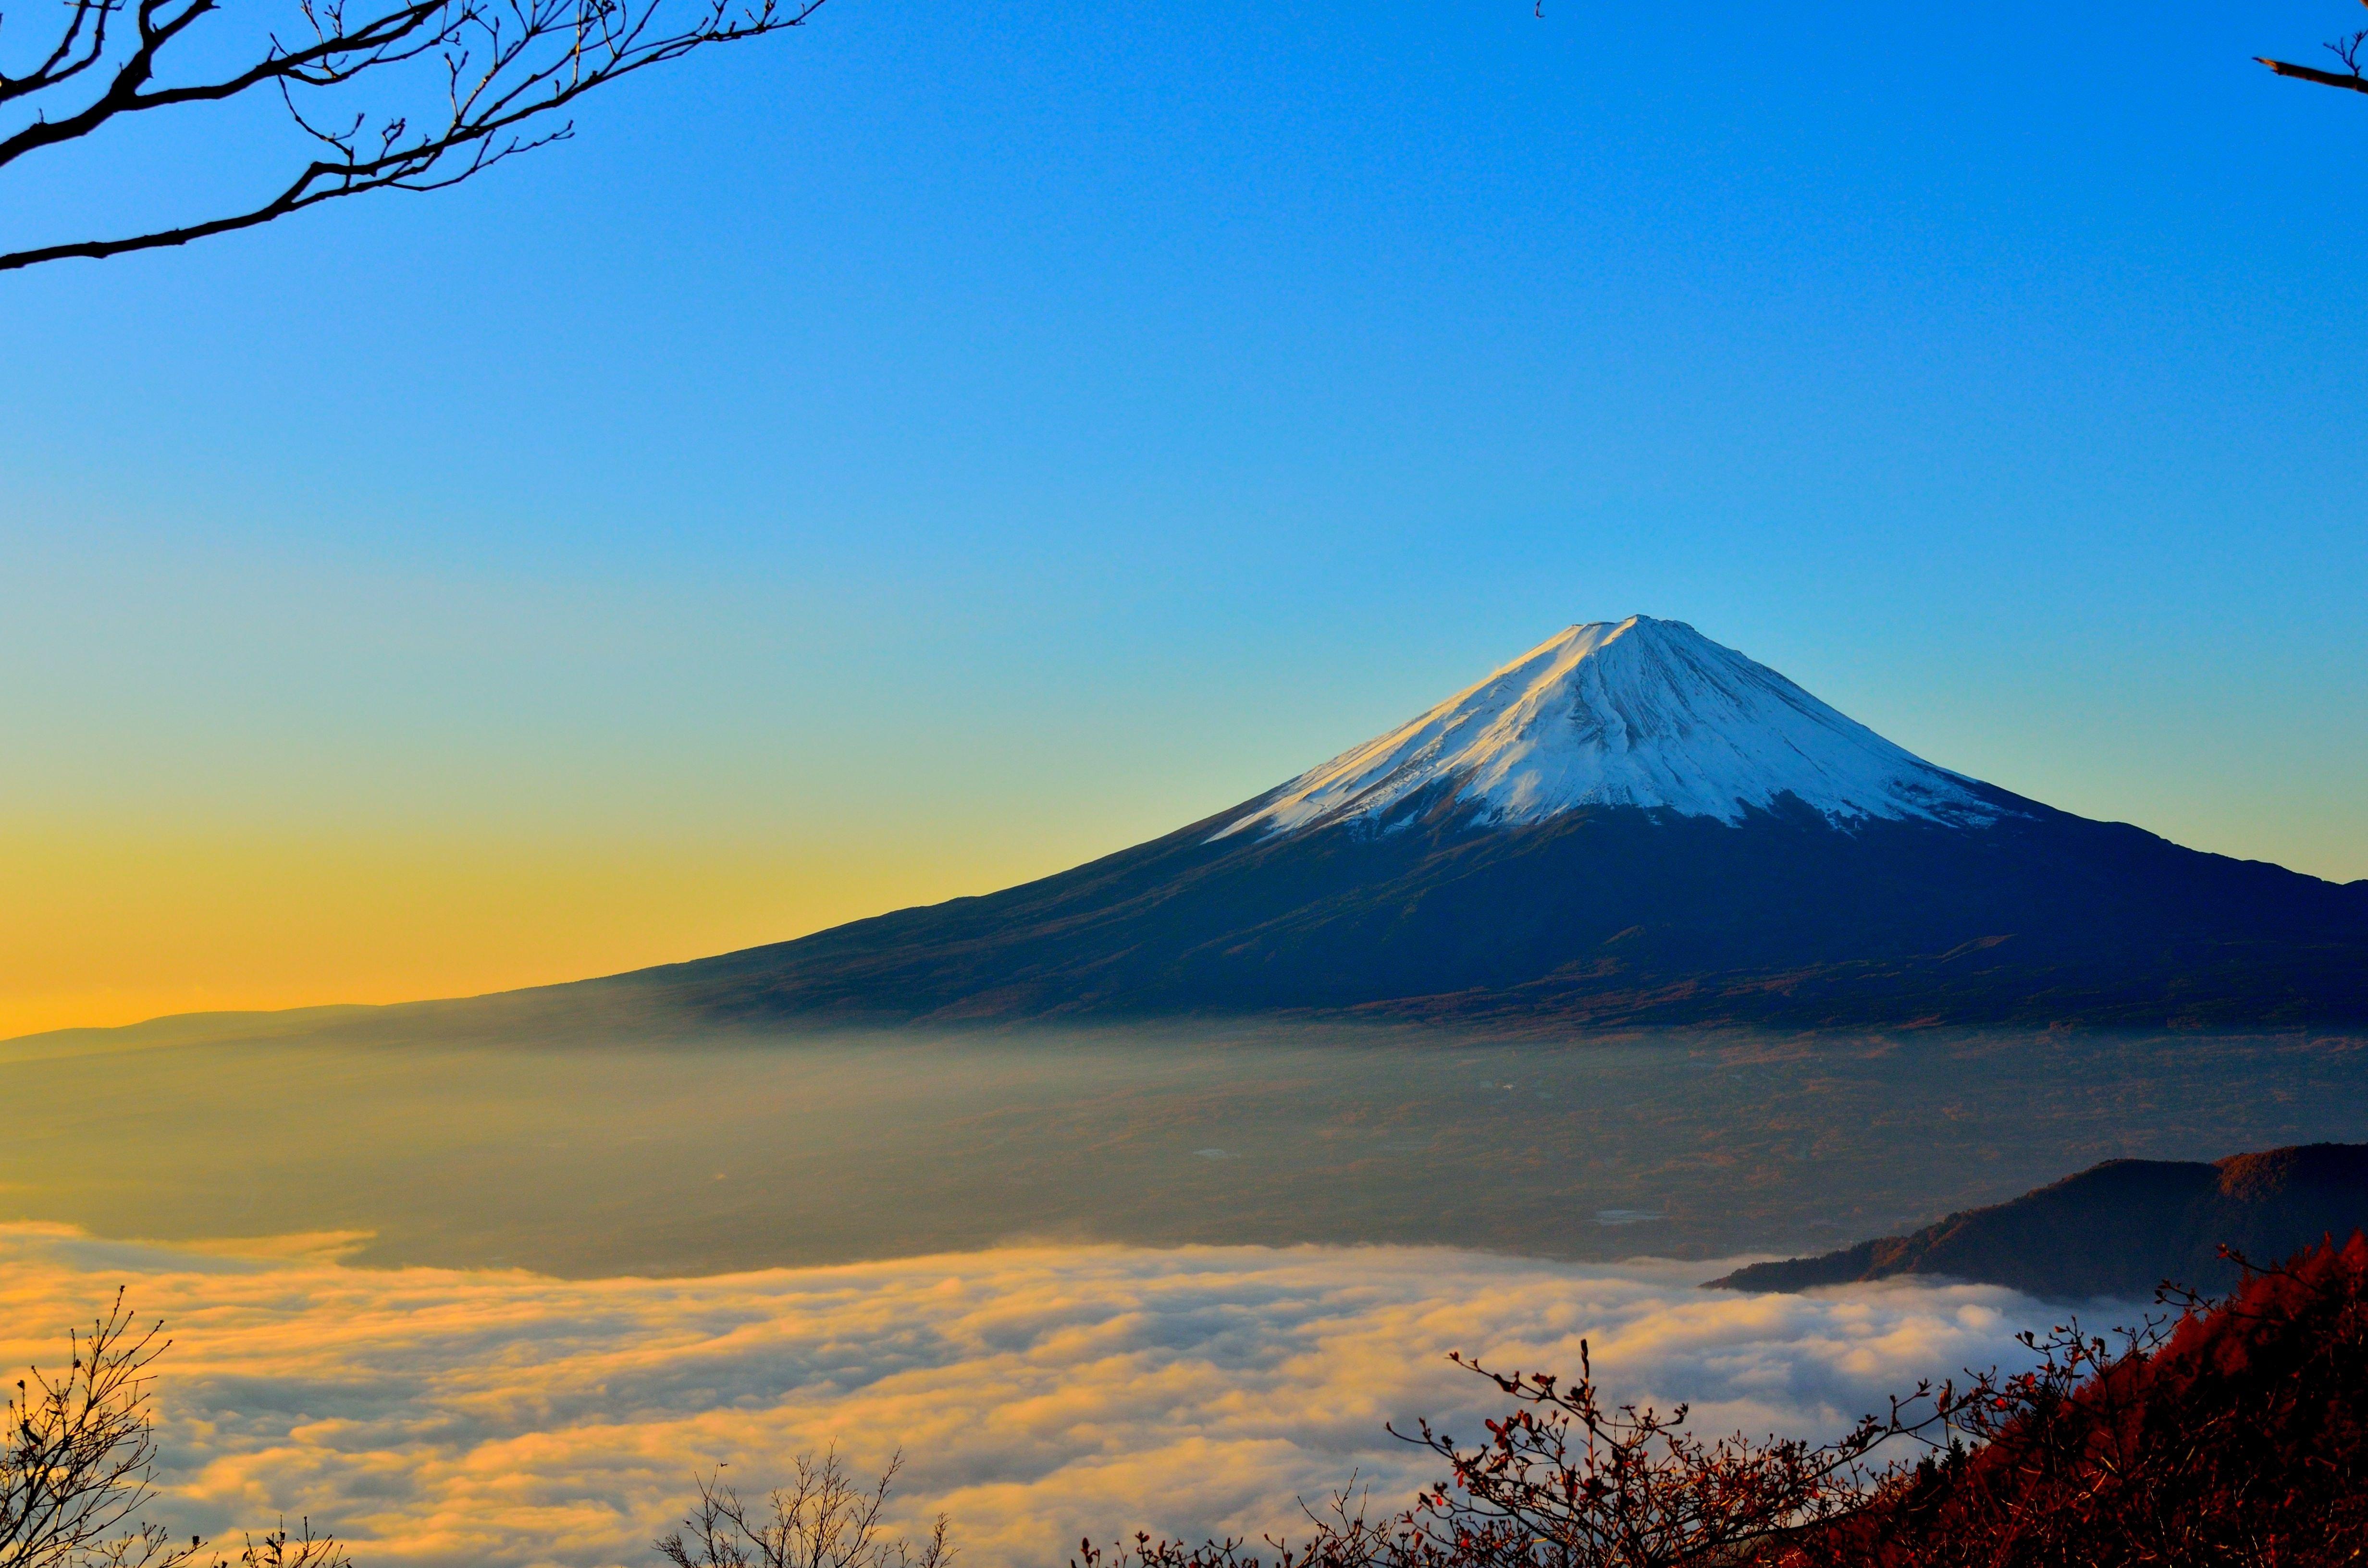 clouds-dawn-dusk-46253.jpg